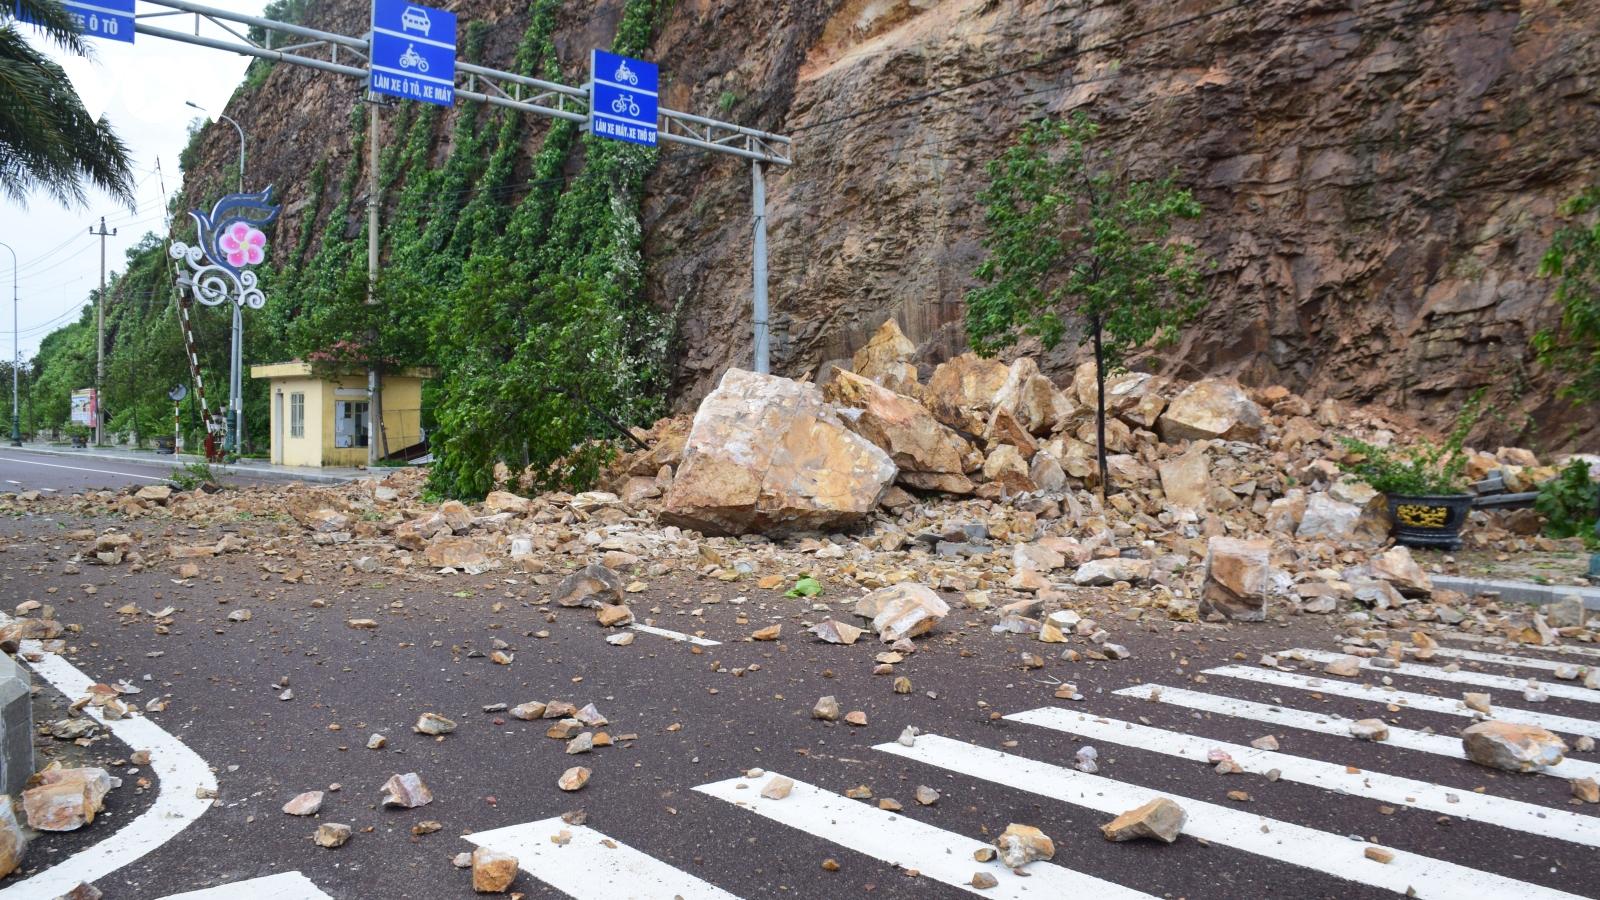 Giây phút lở núi kinh hoàng ở TP Quy Nhơn khiến người đi đường văng ra